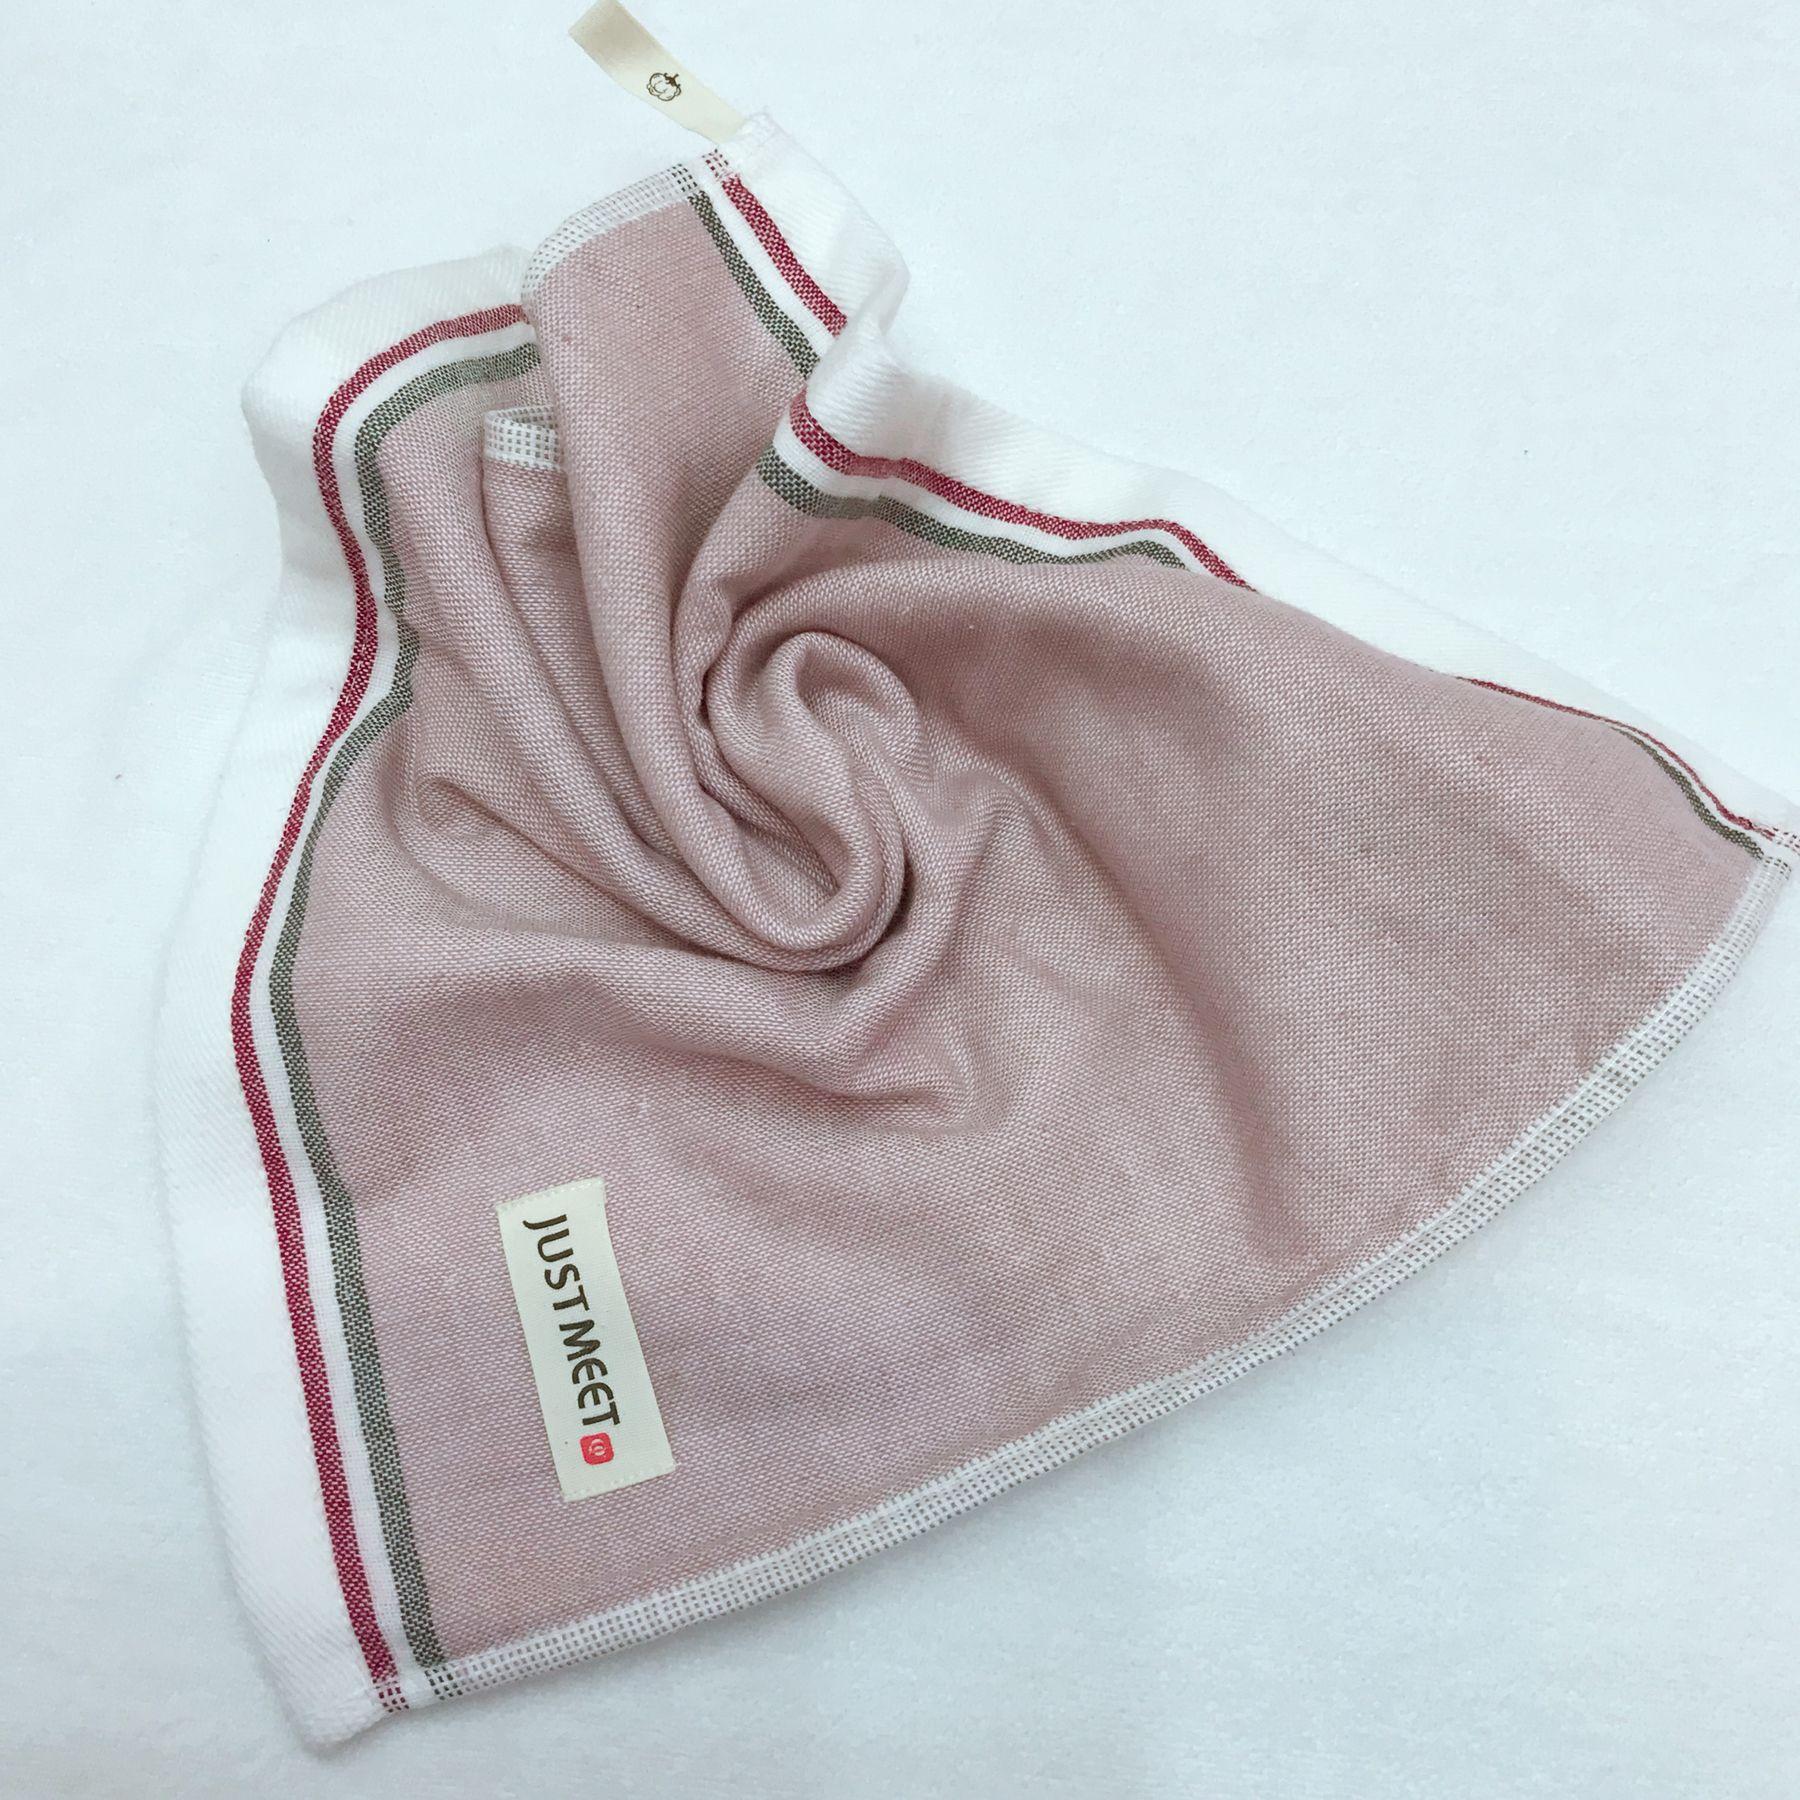 QINGCHEN Dệt may gia dụng Pet buổi sáng buổi sáng QINGCHEN khăn bông nhà mềm nước công ty quà tặng b